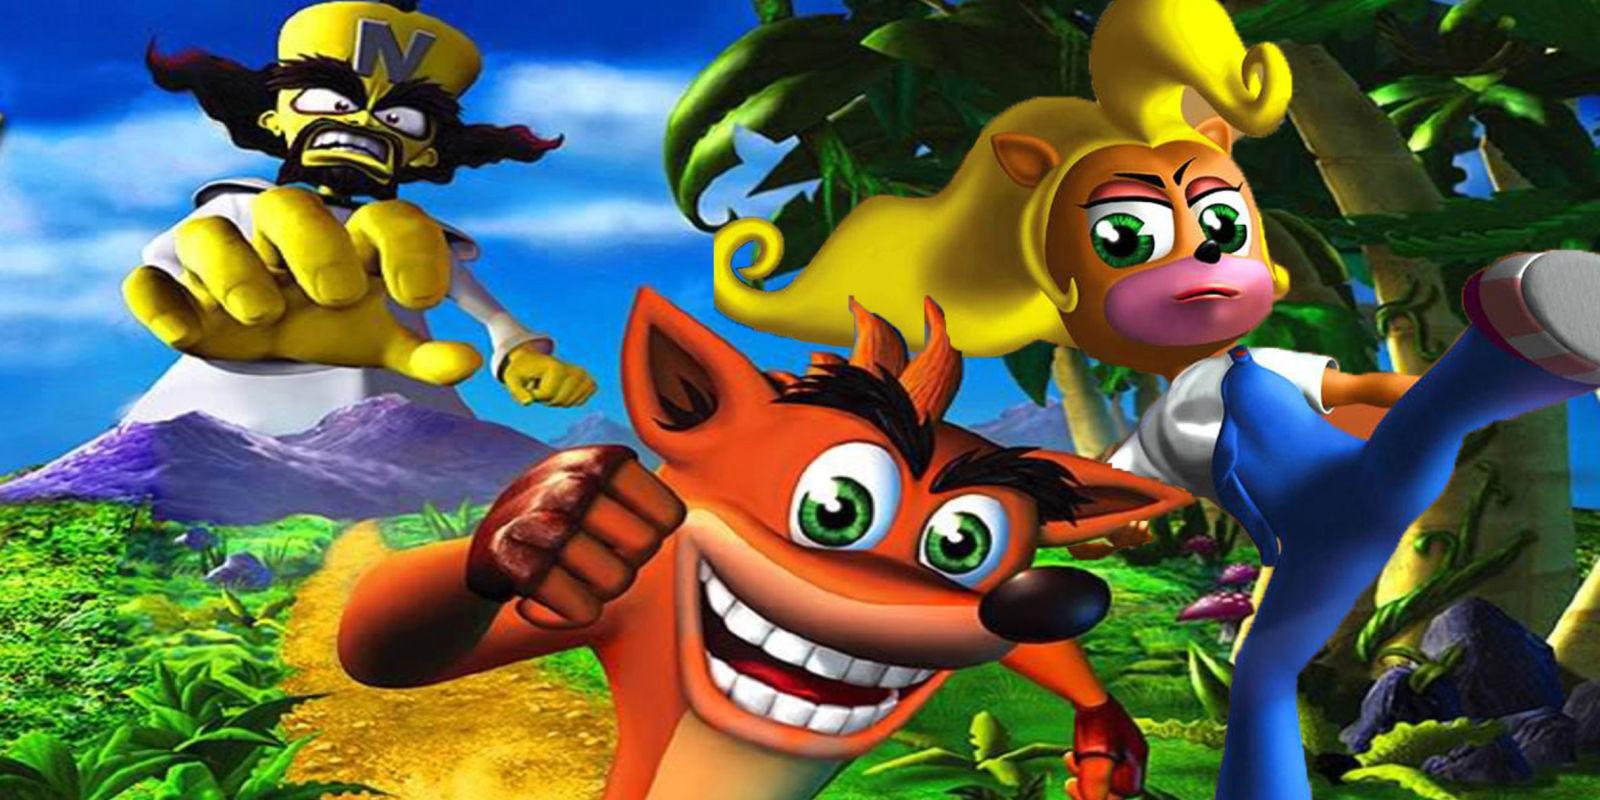 Crash Bandicoot - Todos los juegos de la mascota